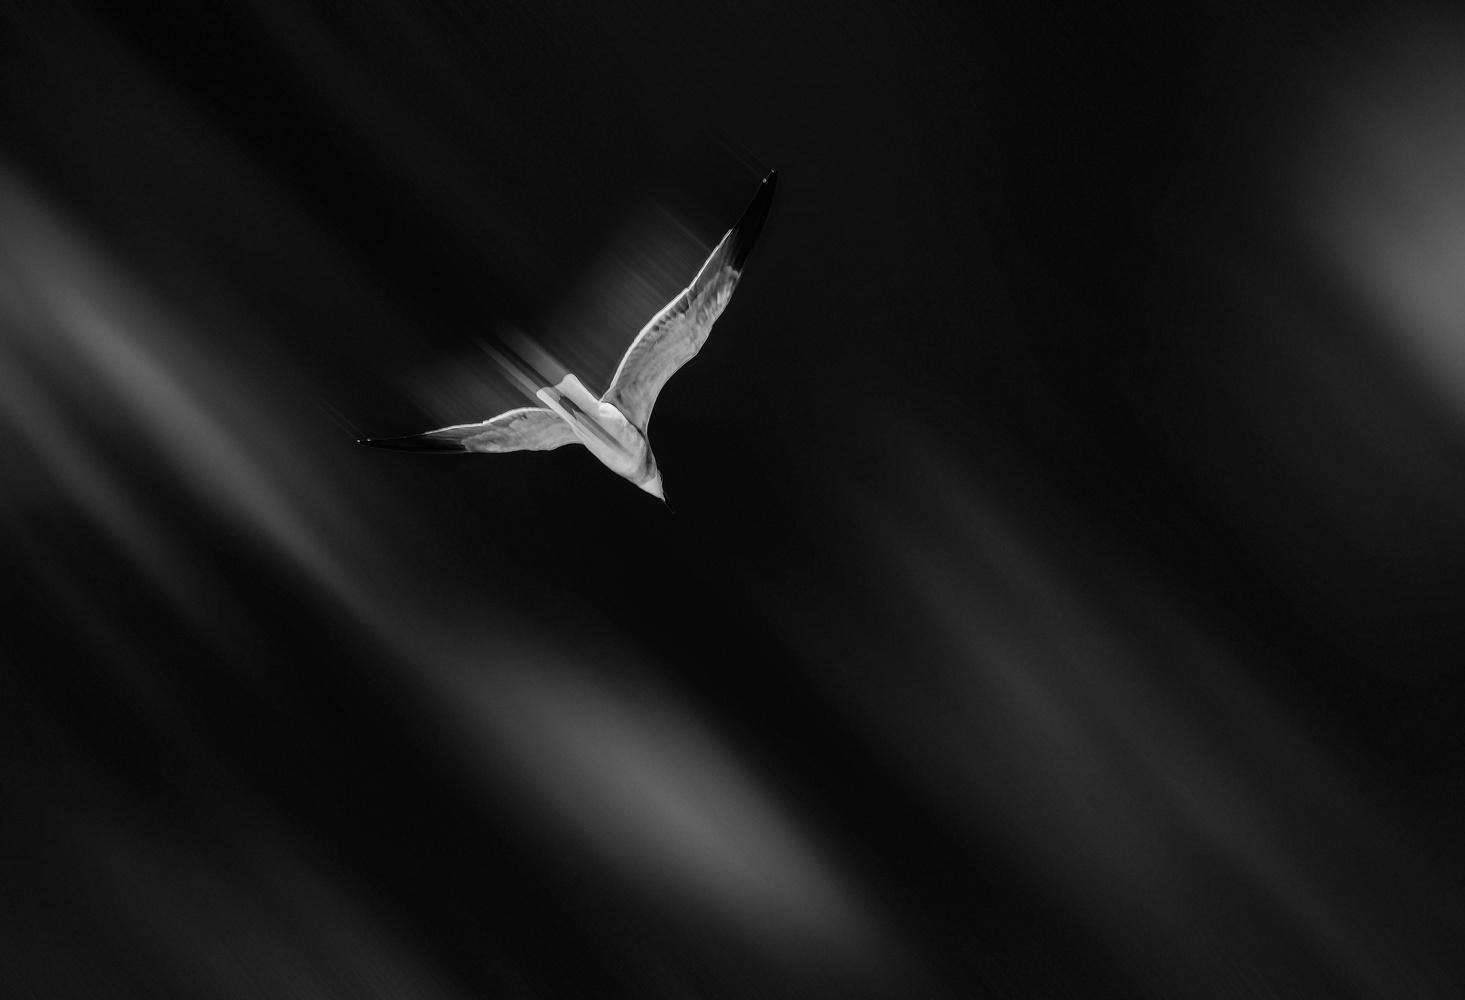 Untitled 3 by rami yazgi